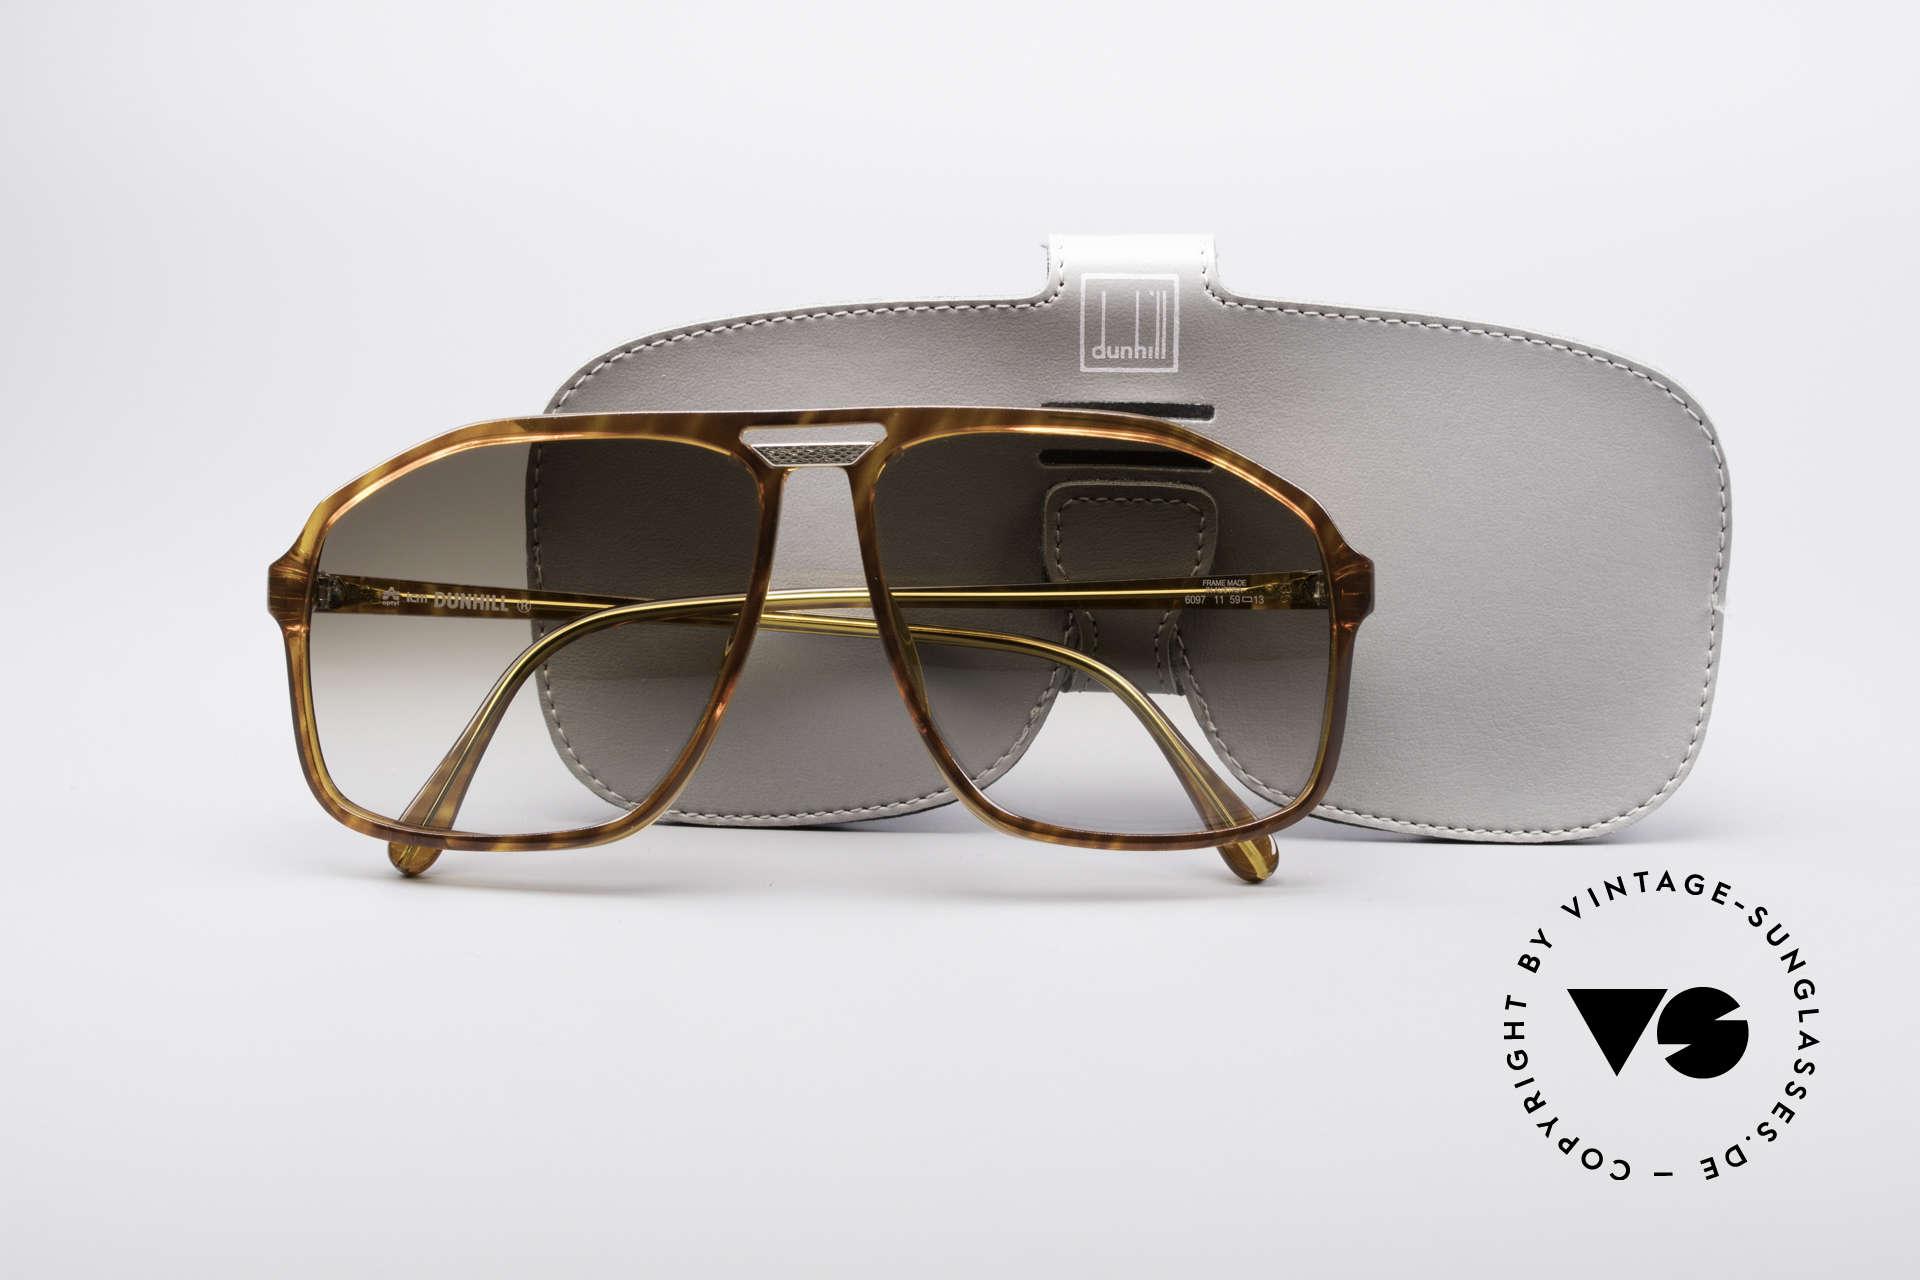 Dunhill 6097 90er Herren Sonnenbrille M, KEINE Retrobrille, ein ORIGINAL in MEDIUM Gr. 59-13, Passend für Herren